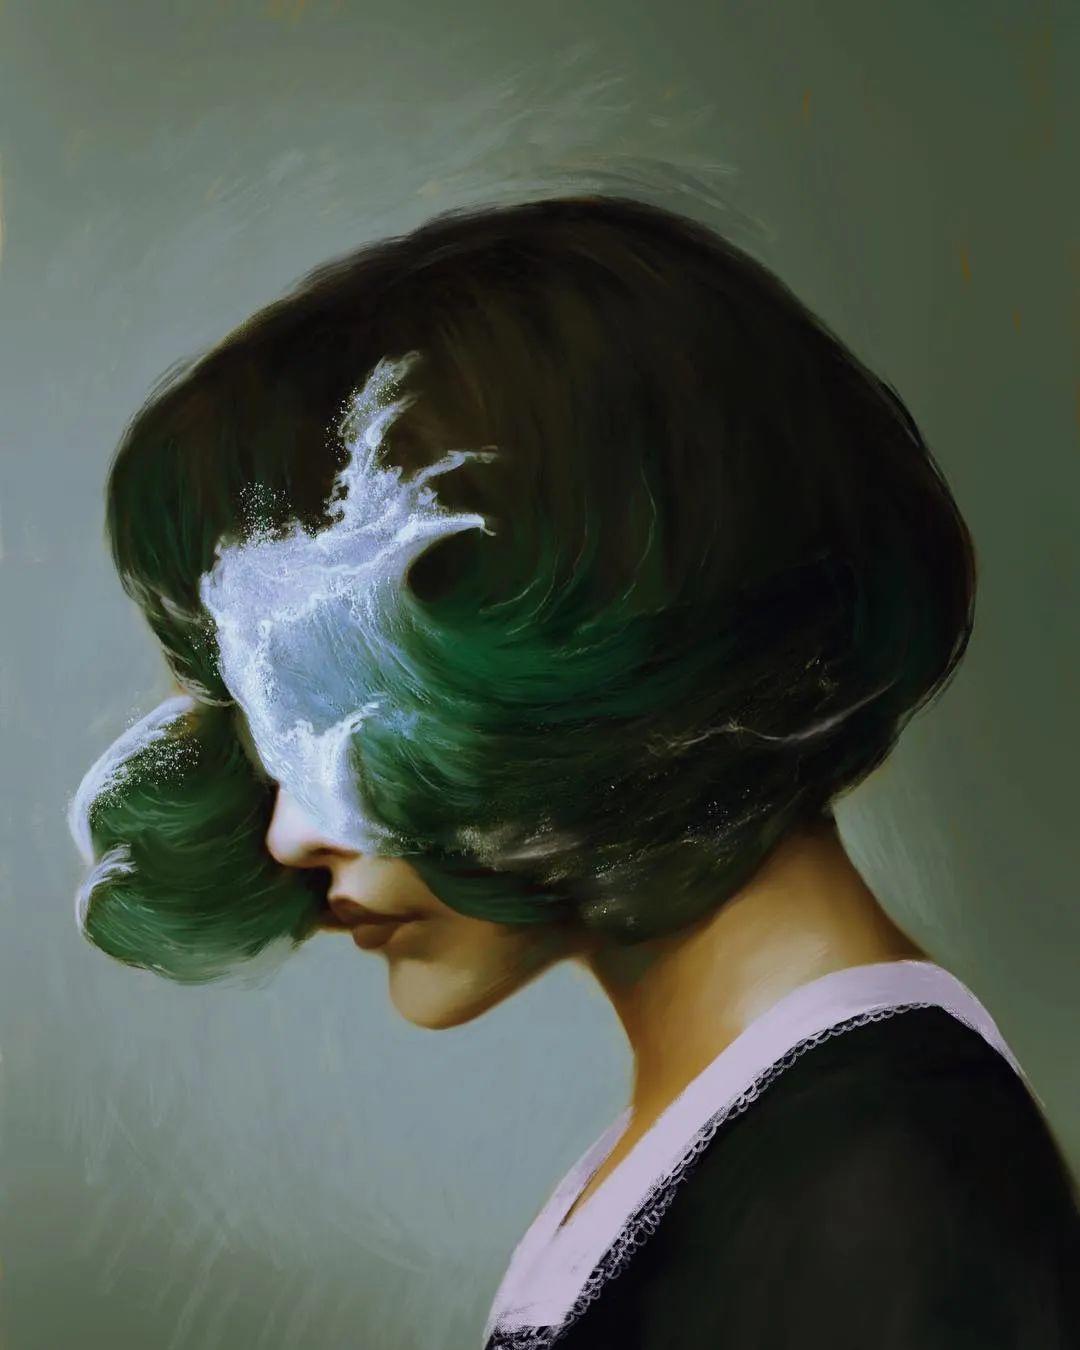 令人惊异的超现实主义肖像画,好有创意!插图31